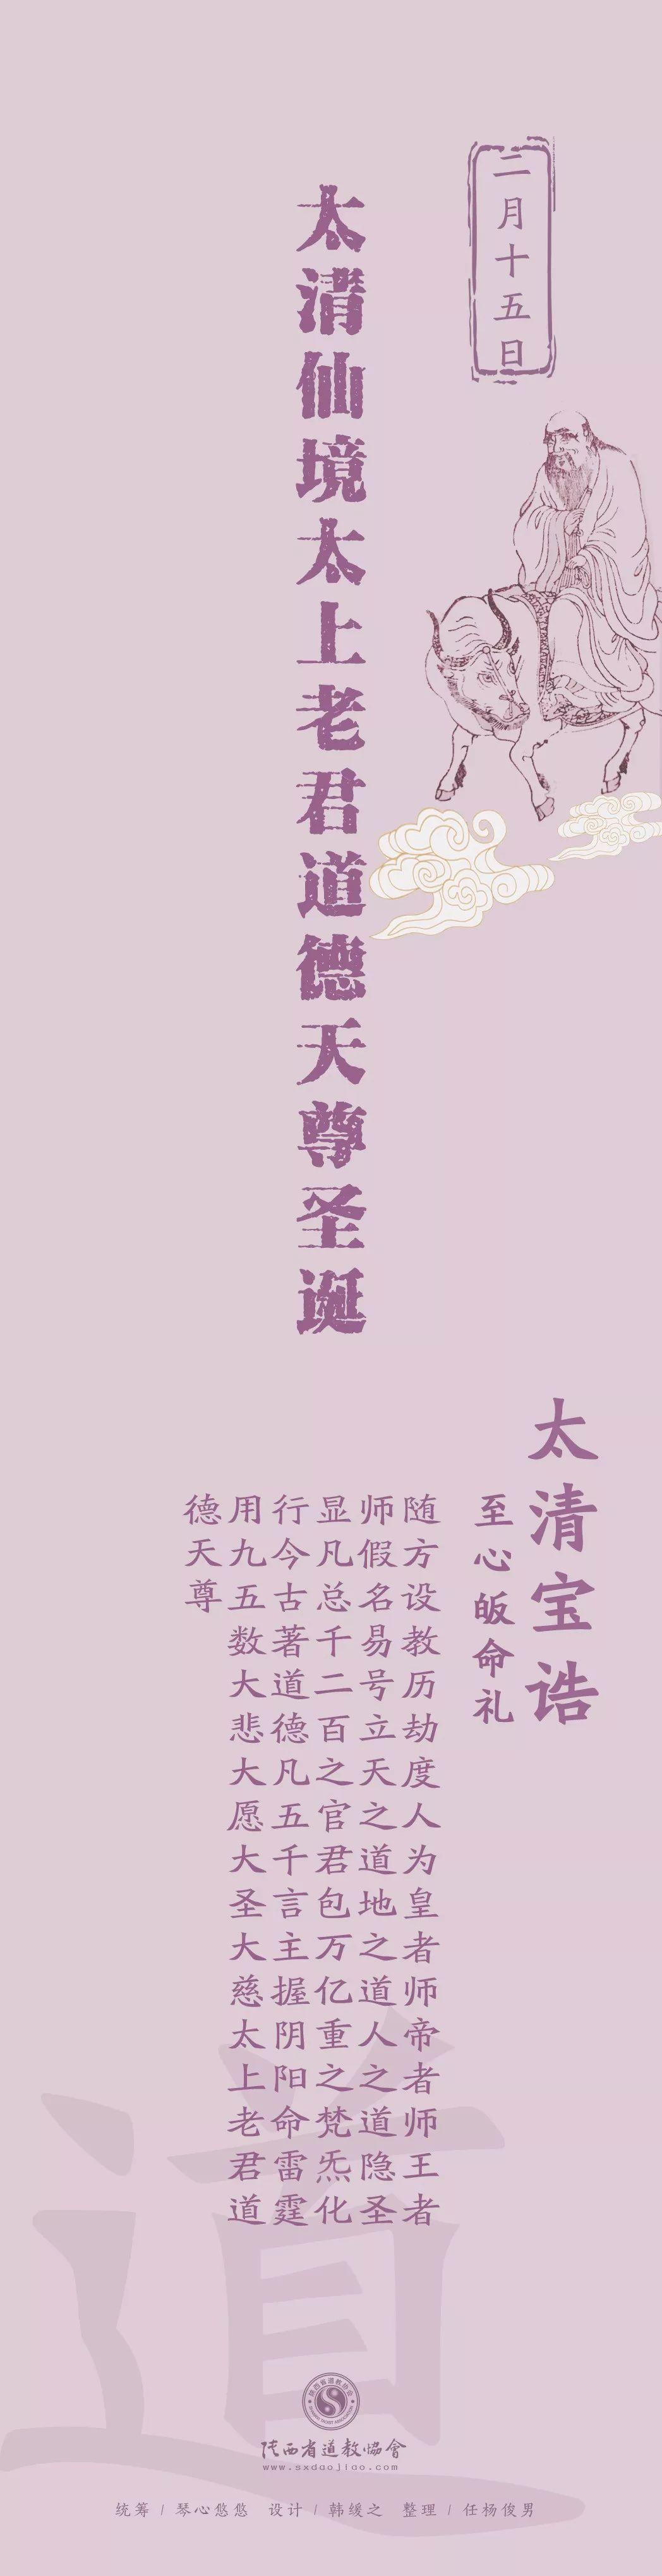 农历二月十五,恭祝太清仙境太上老君道德天...